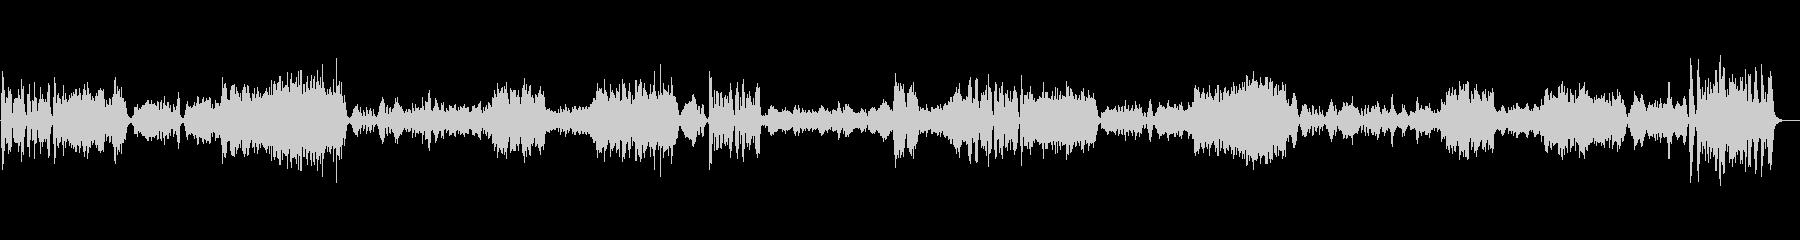 アイネクライネナハトムジーク第1楽章の未再生の波形